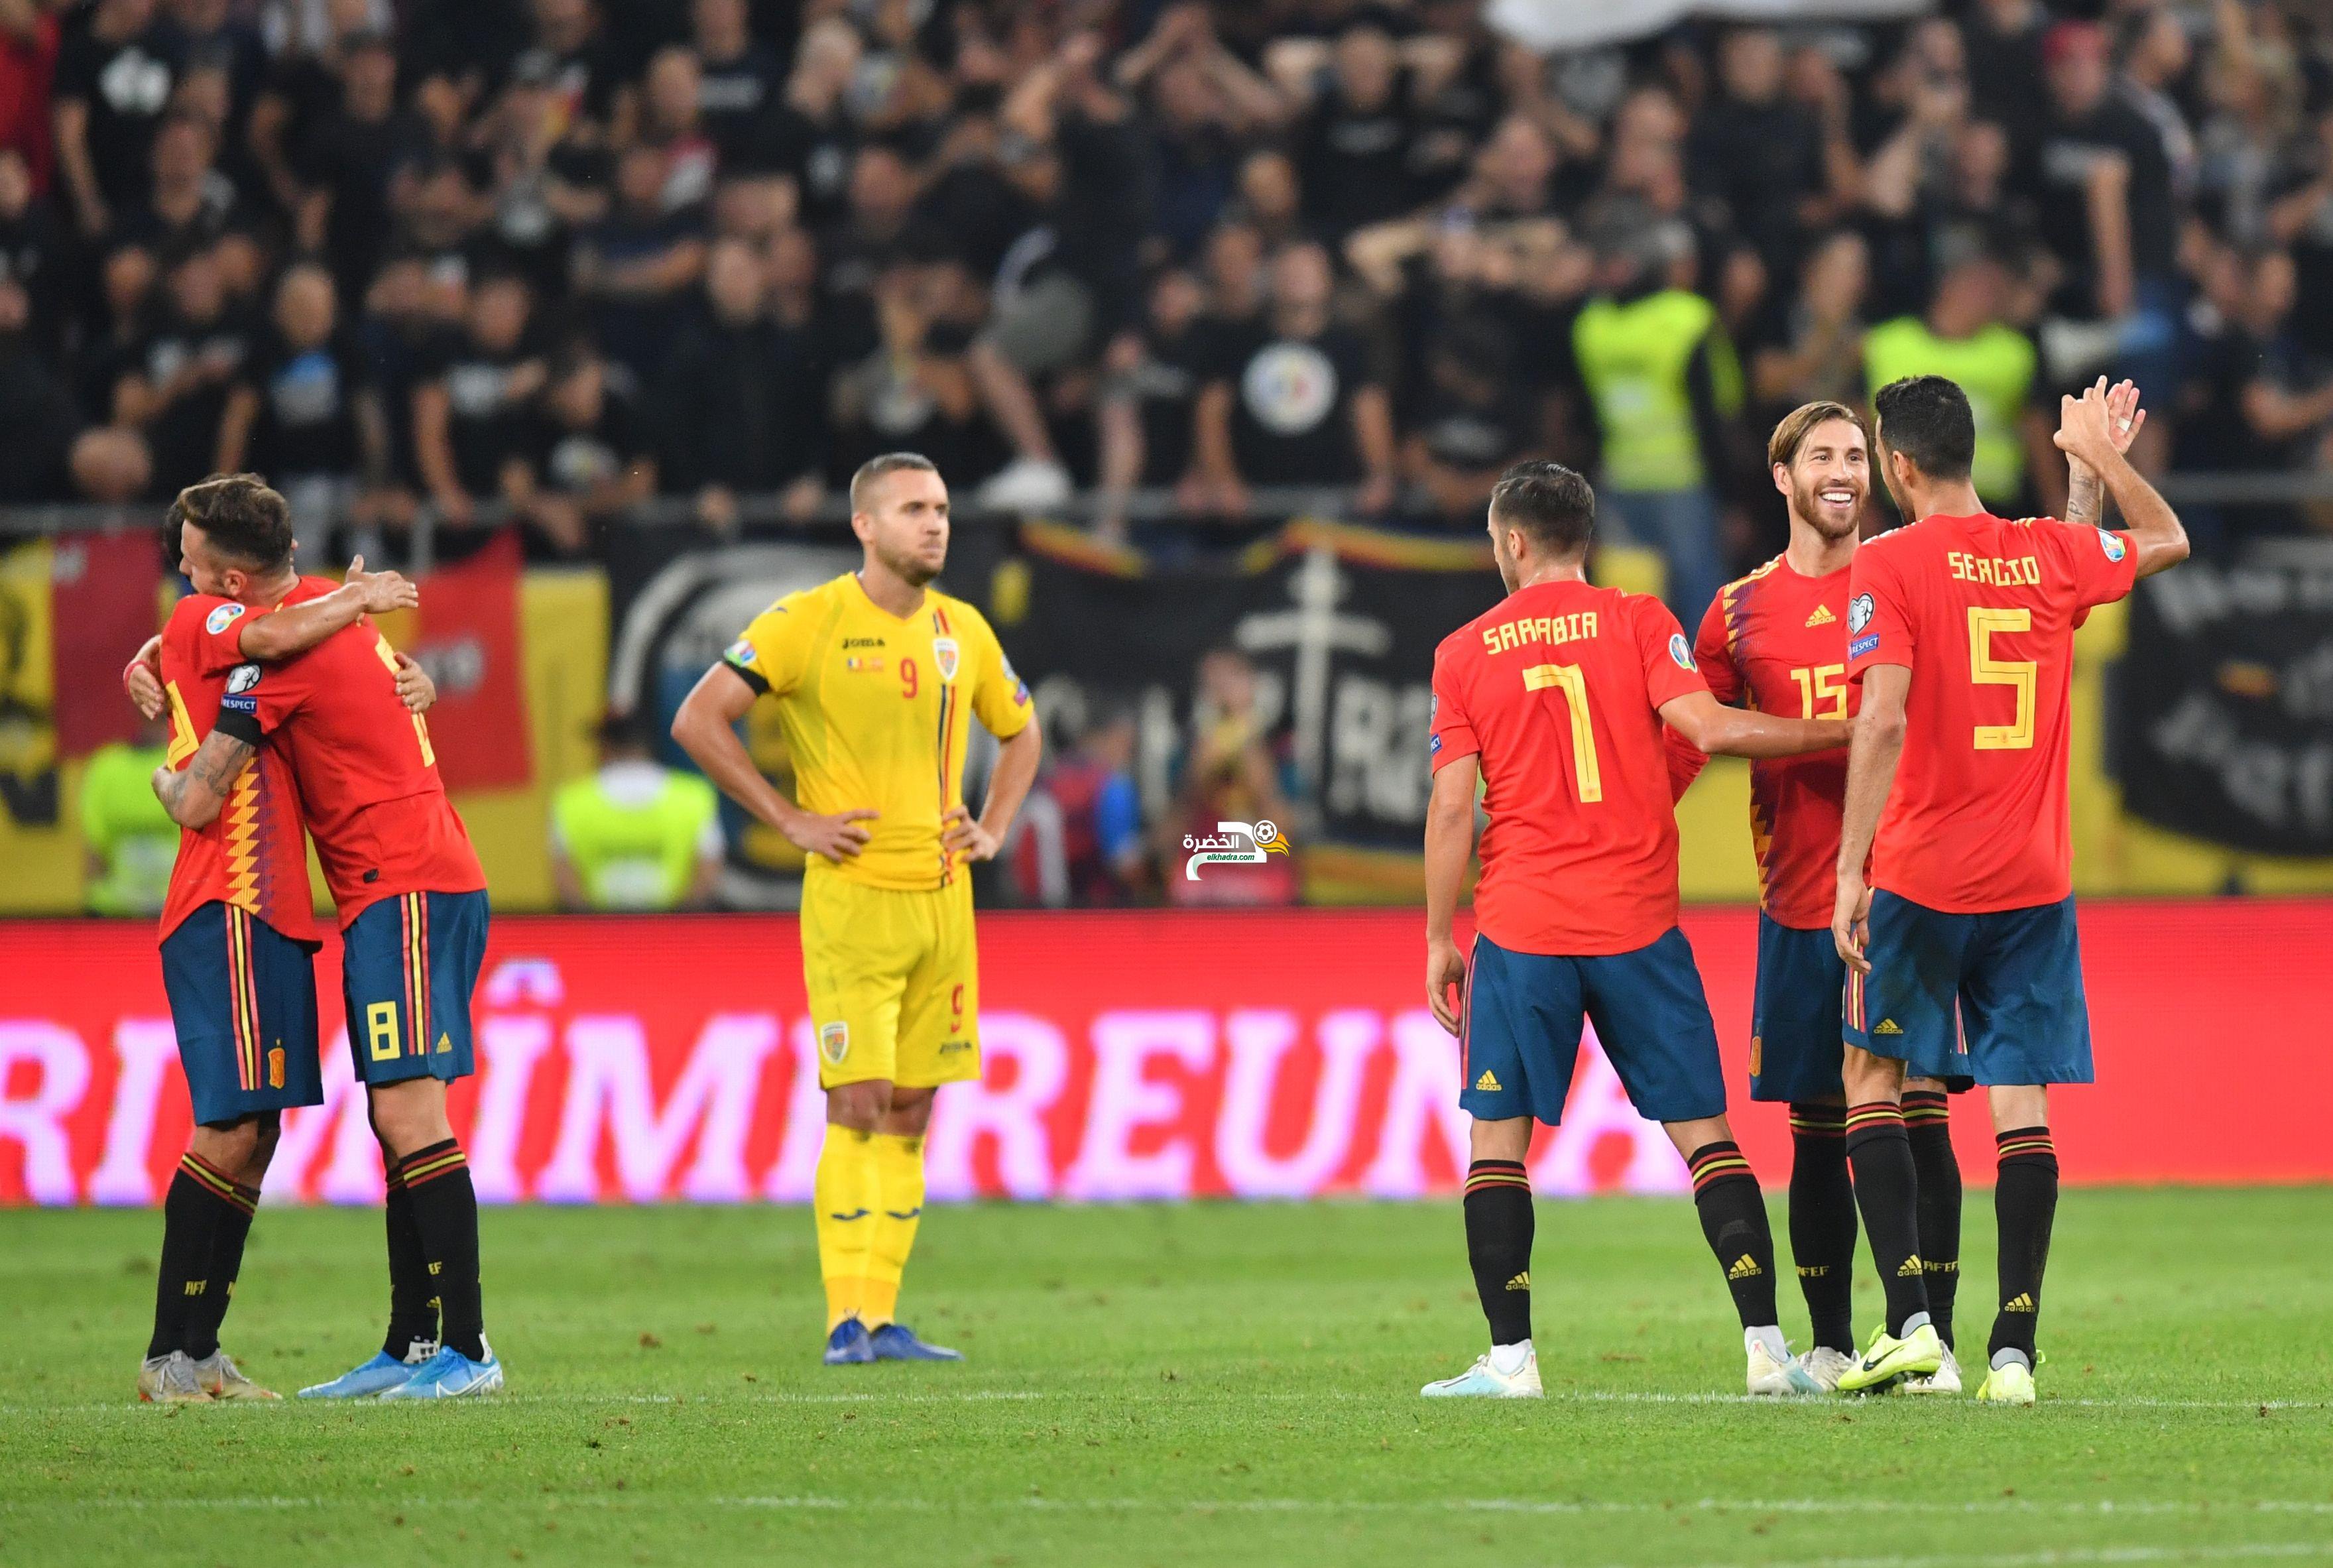 إسبانيا تفوز على رومانيا في تصفيات يورو 2020 24